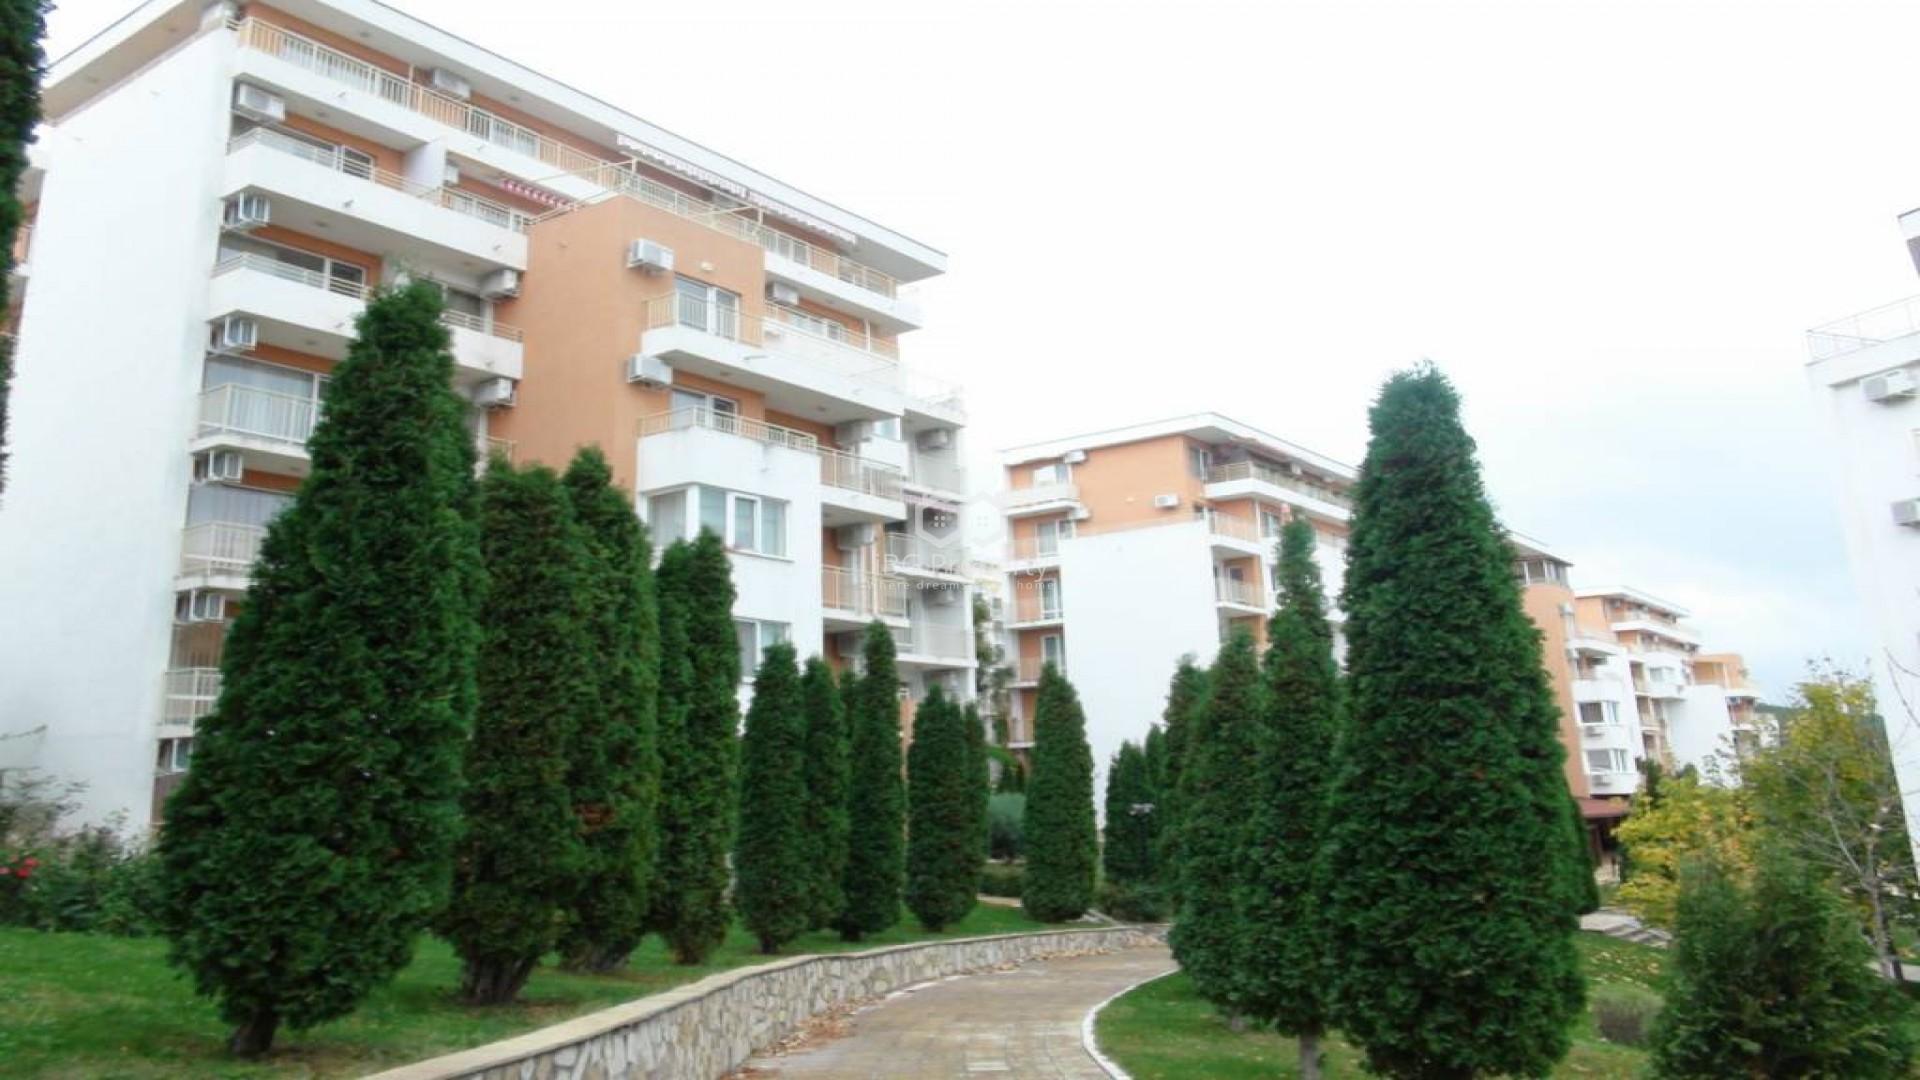 Двустаен апартамент Свети Влас 50 m2